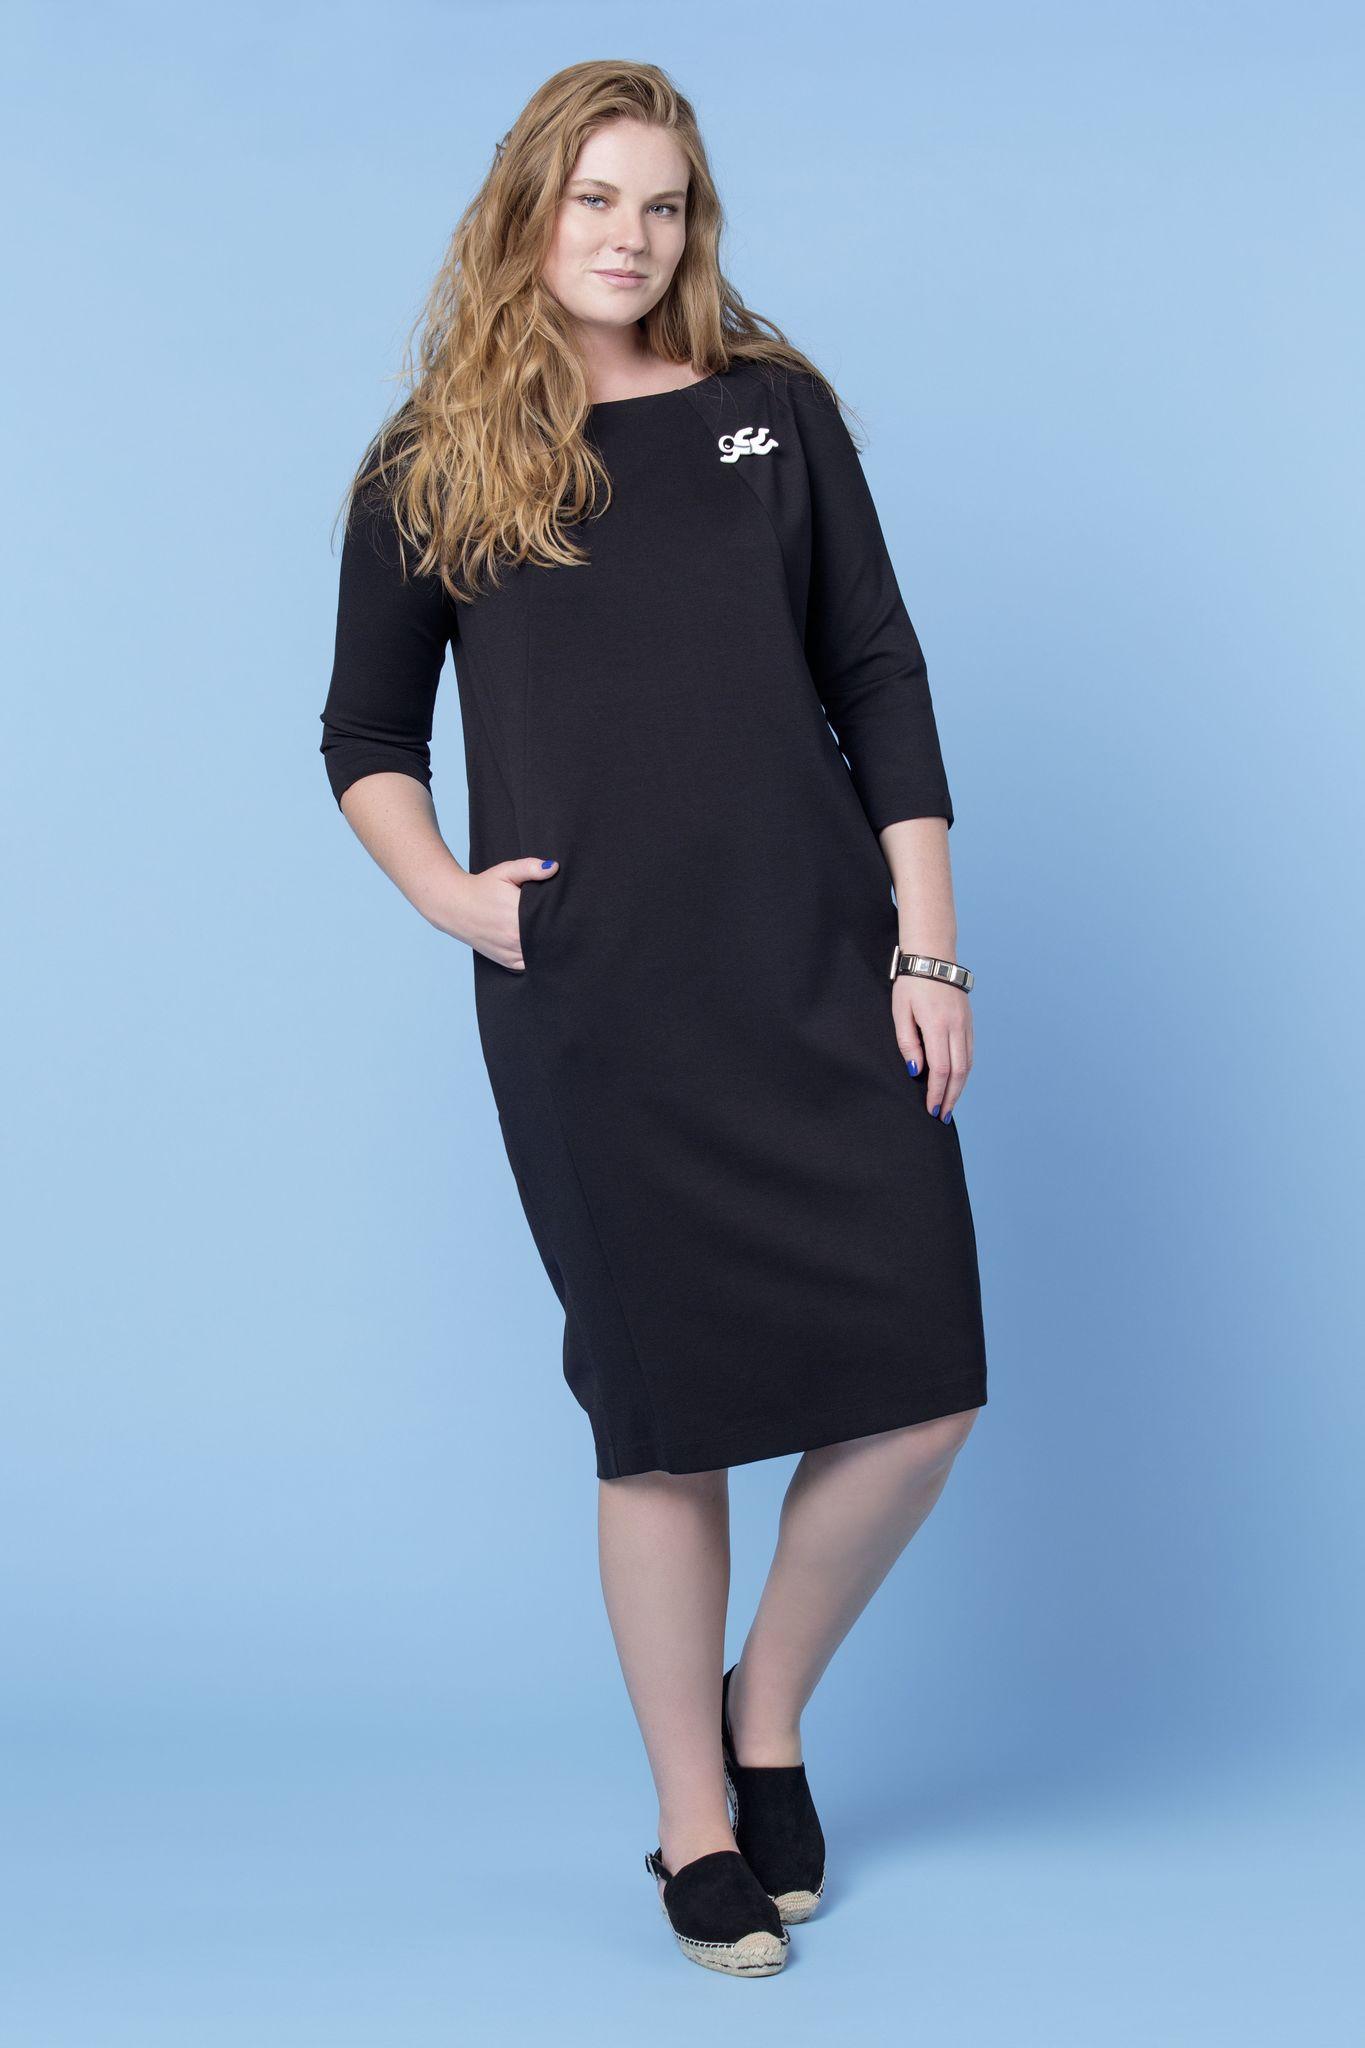 Платье BASE D1 DM01 черныйСейчас покупают<br>Маленькое элегантное и функциональное платье. Платье с незаметными, но функциональными карманами и идеально для всех случаев жизни. Внимание повышенная износостойкость материала позволит Вам наслаждаться этим платьем не один сезон.<br>